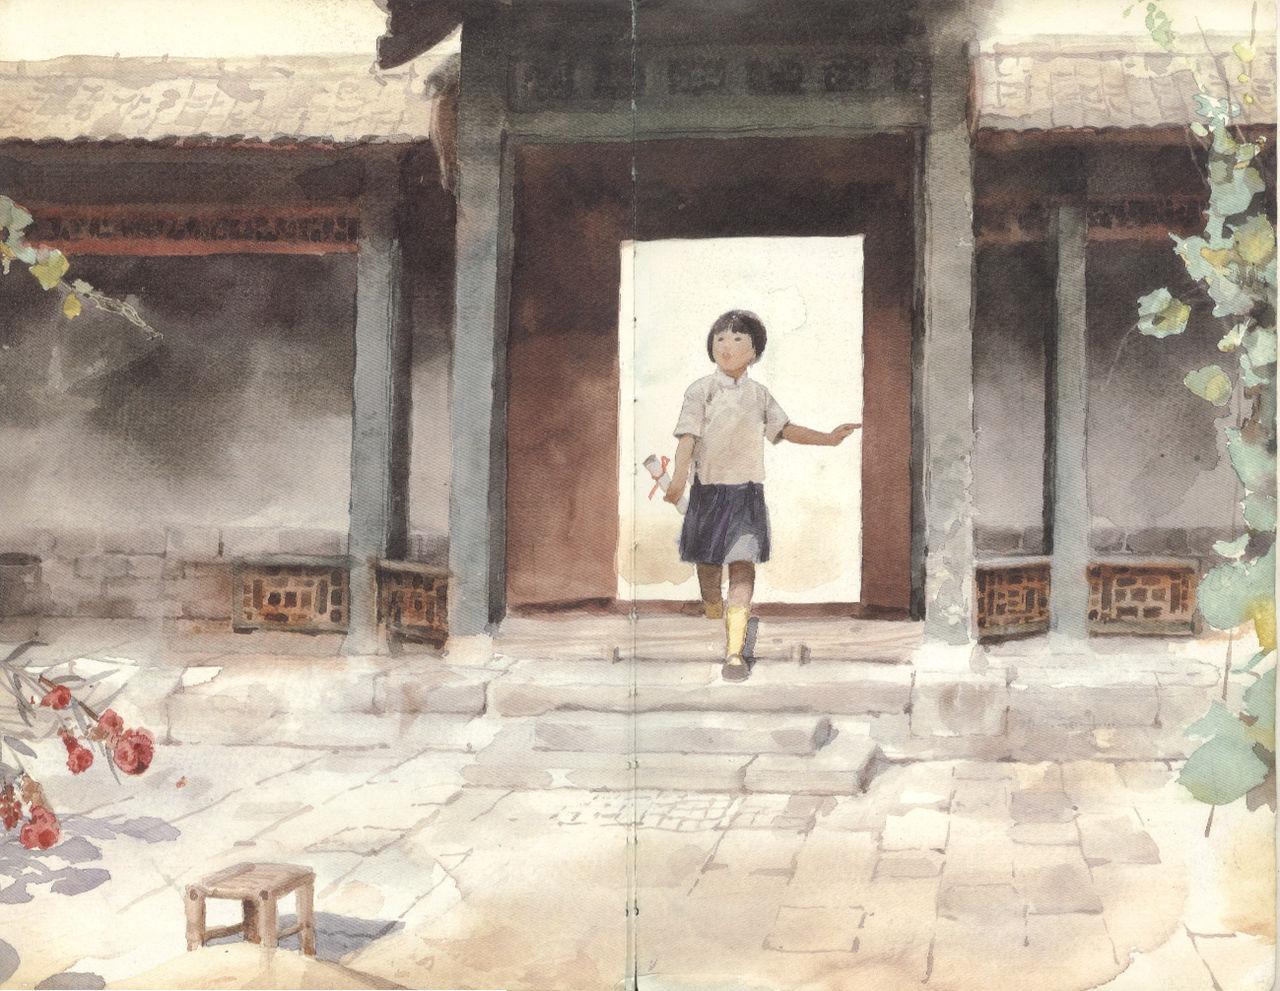 百度_城南旧事吧_插画:城南旧事——关维兴3 - 浪掷浮生 - 坐看风云